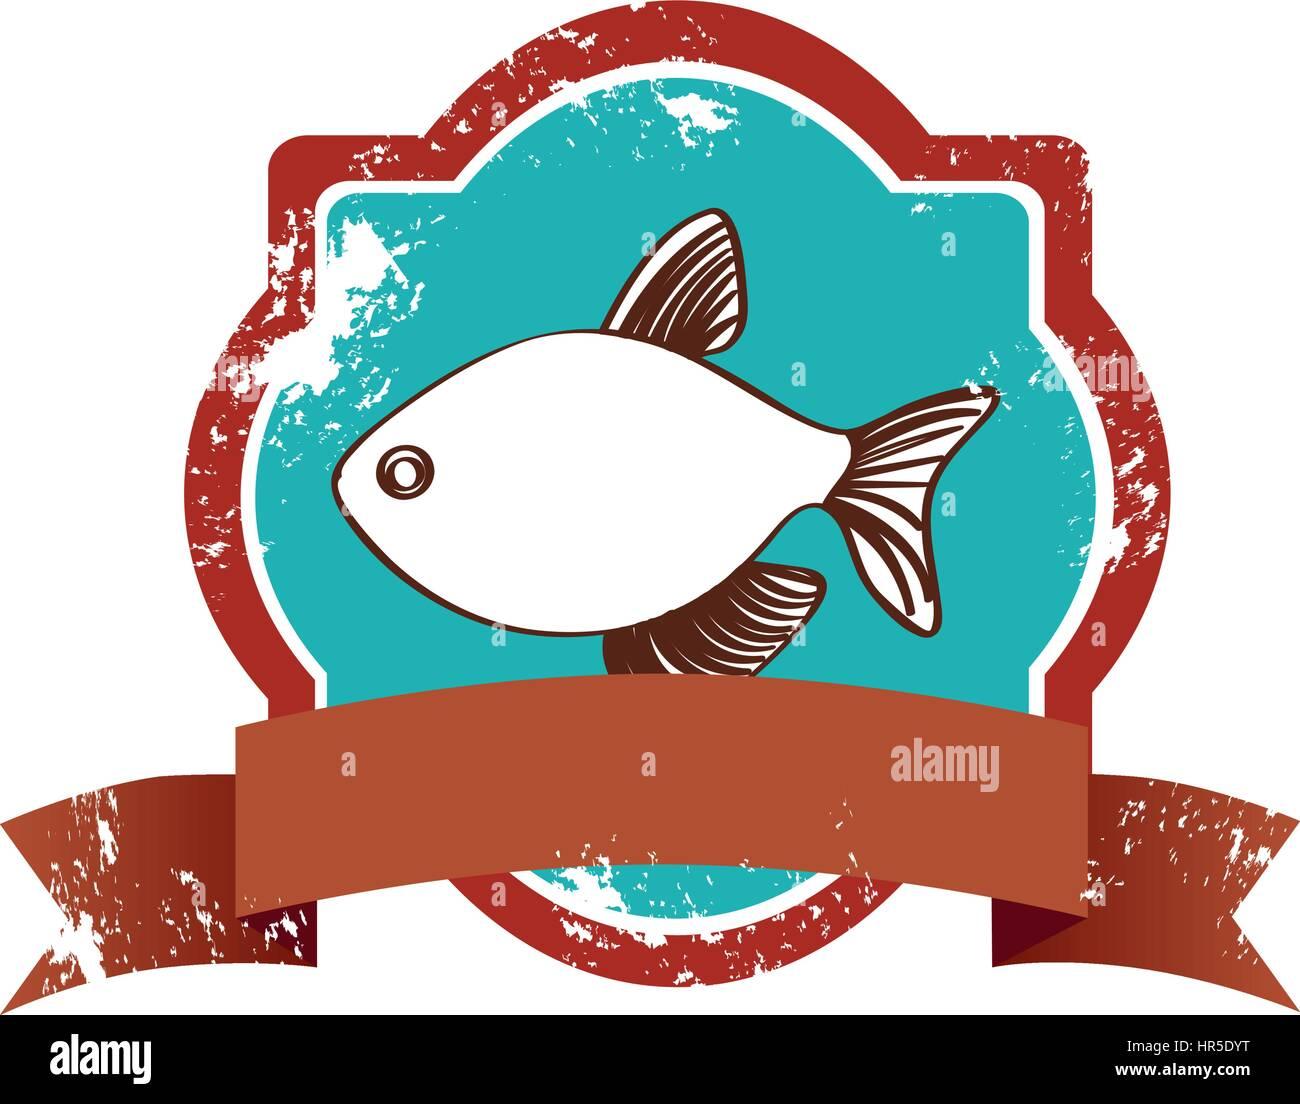 Red Fish Cartoon Stock Photos & Red Fish Cartoon Stock Images - Alamy